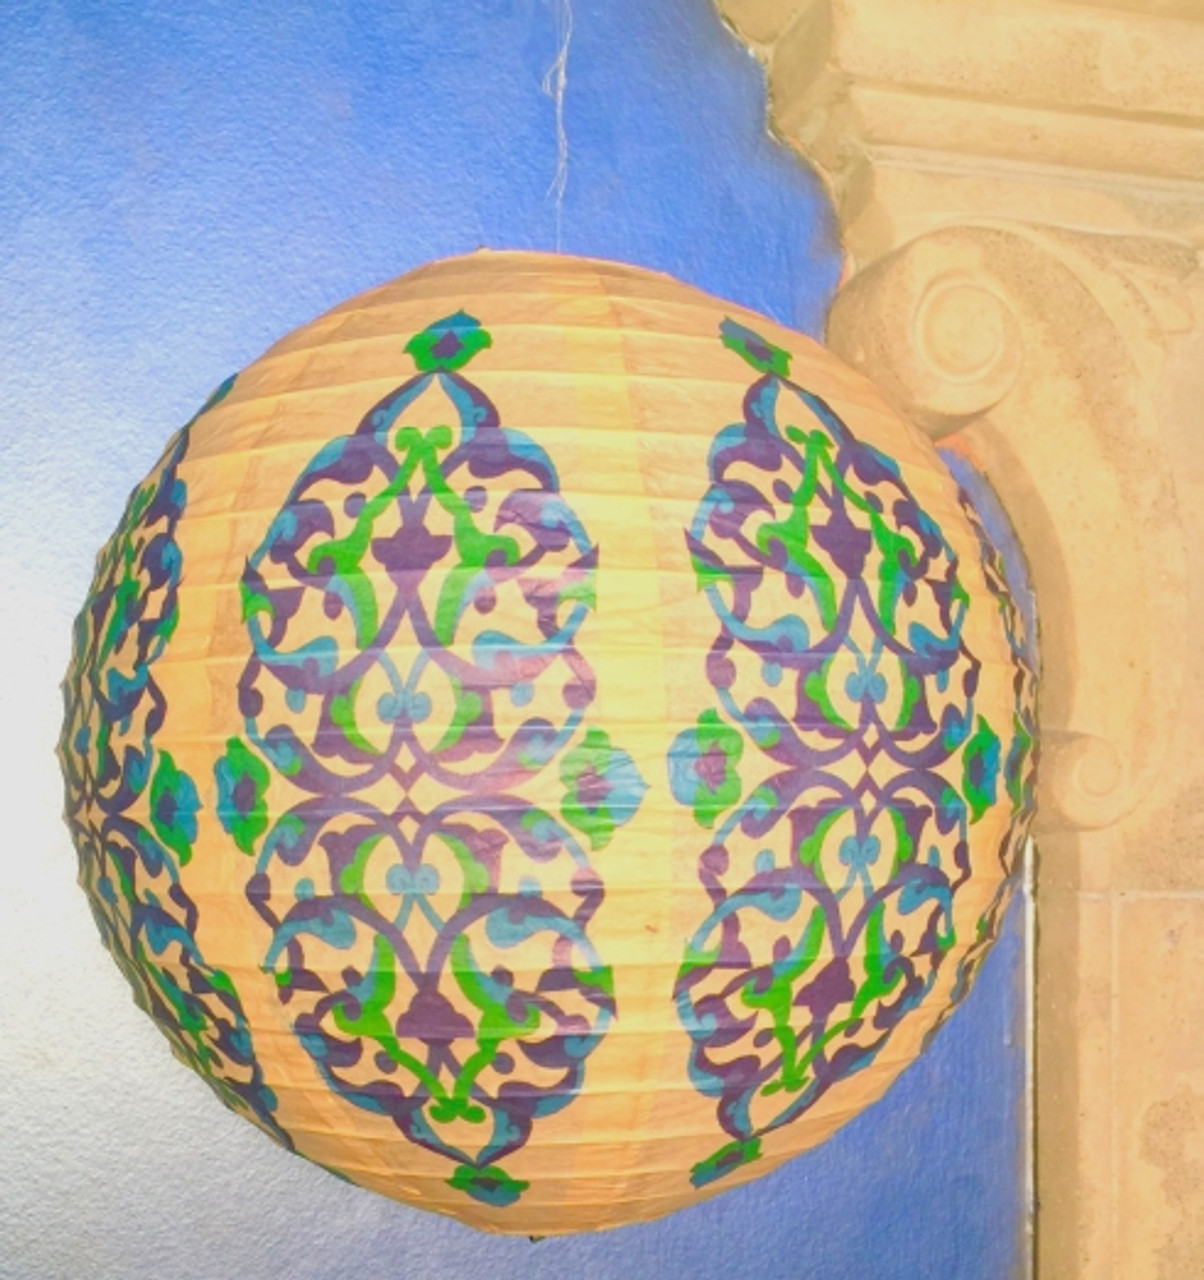 Arabesque Round Lantern